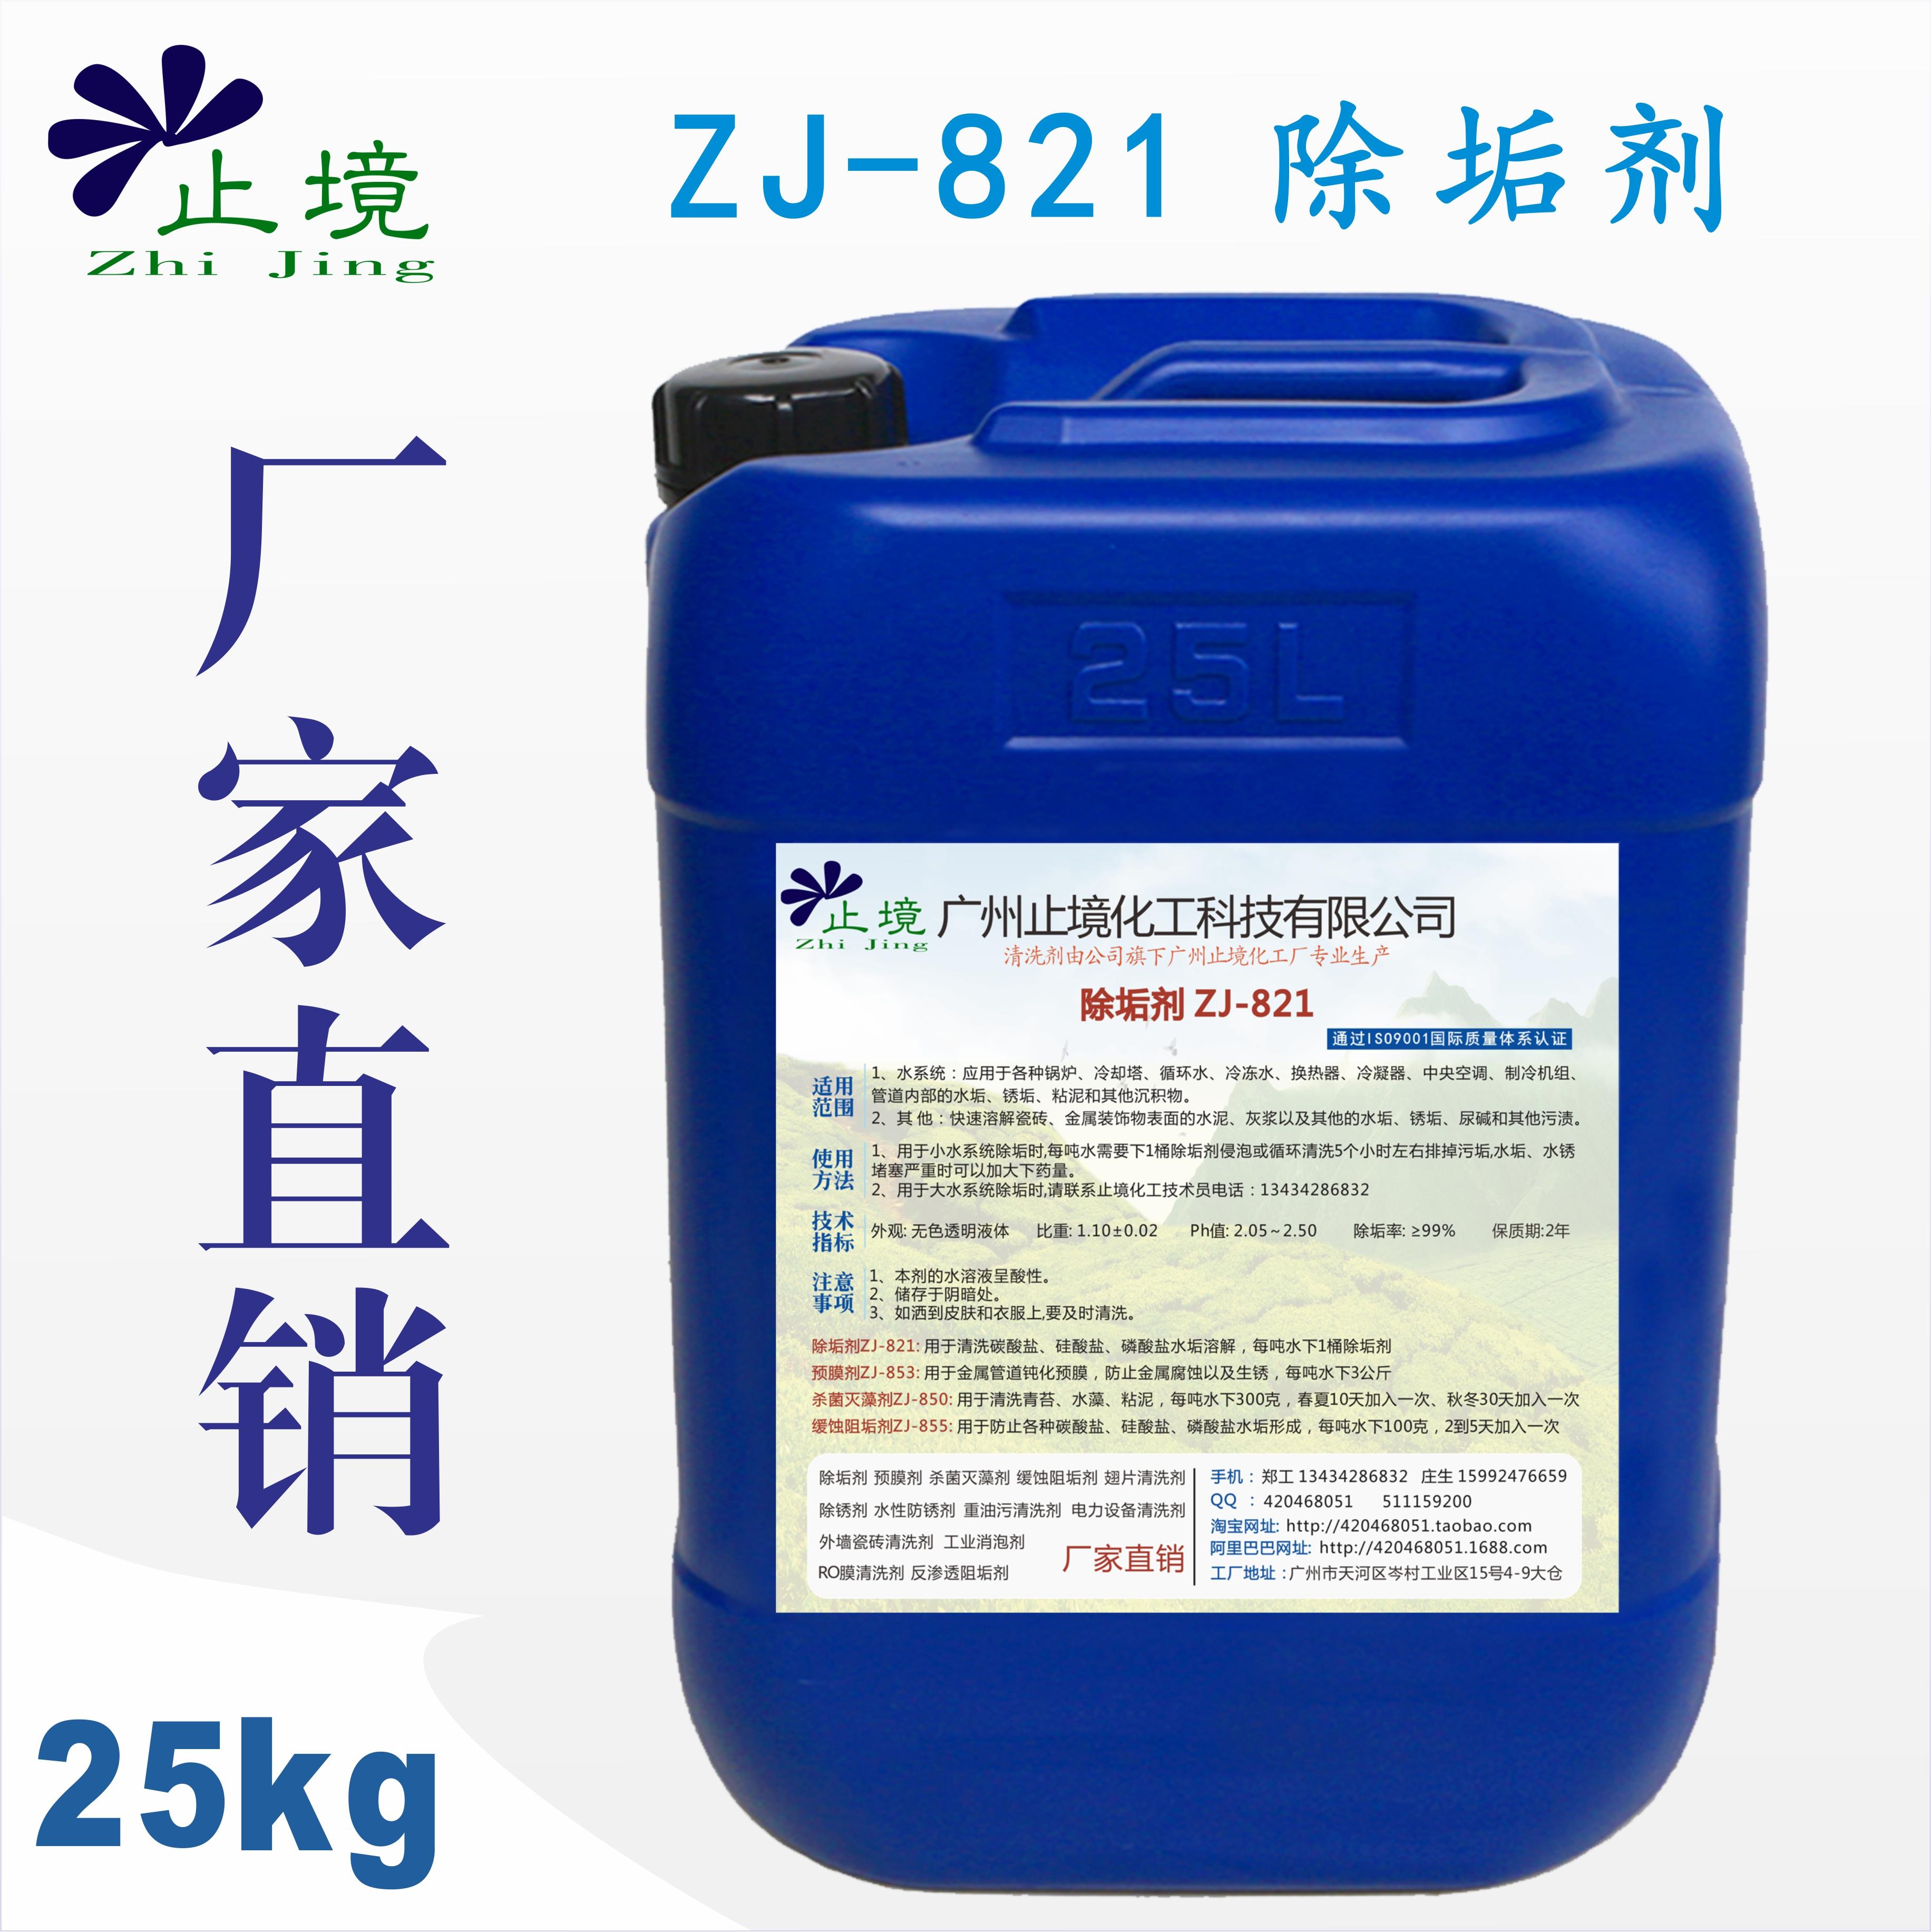 水垢清除剂锅炉管道除垢剂冷却塔除垢剂克垢清洗剂水垢除垢剂